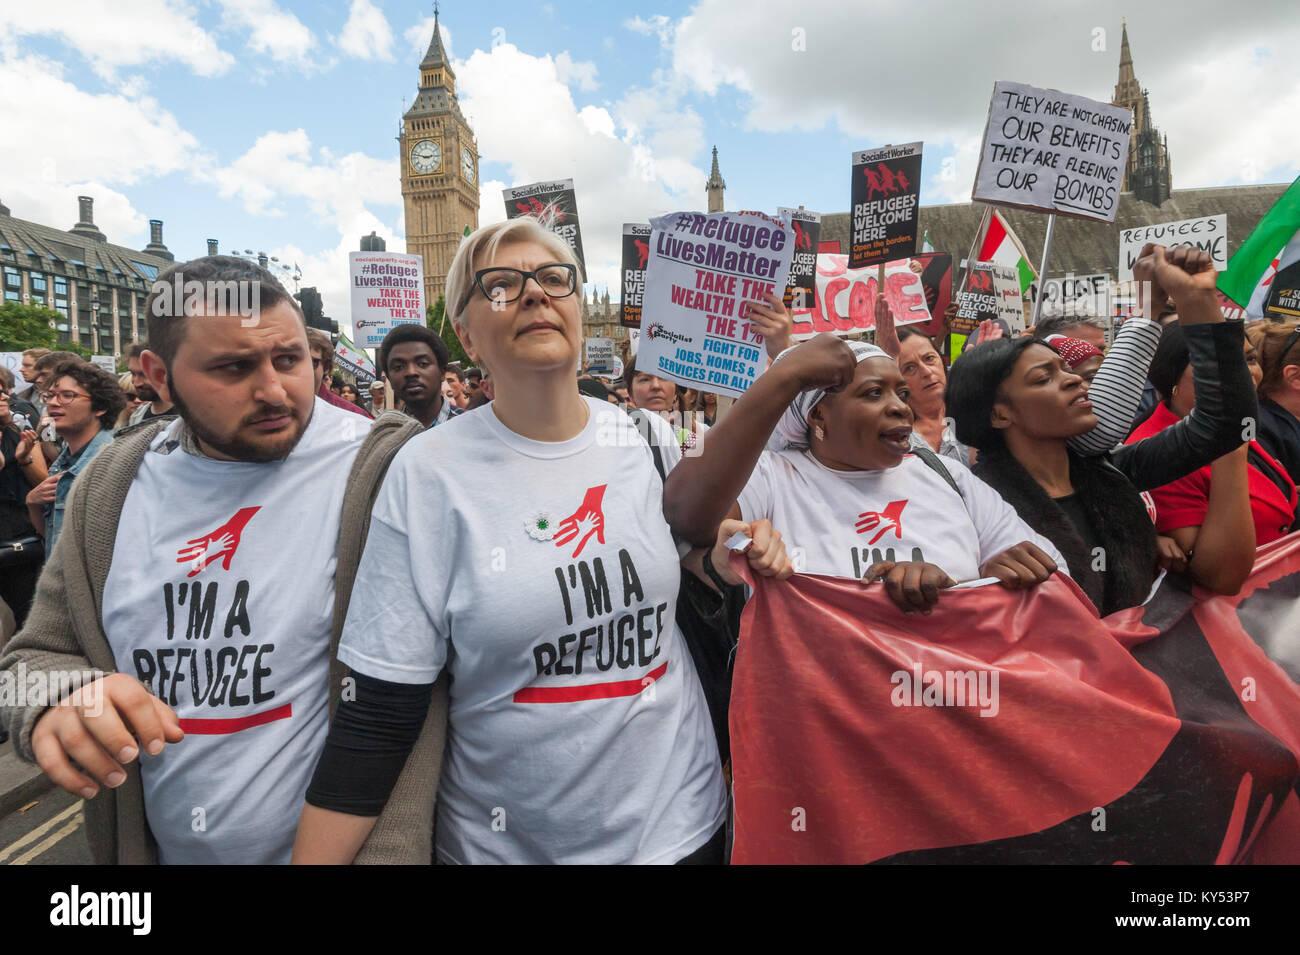 Personnes à l'avant de la 'réfugiés' Bienvenue ici en mars Place du Parlement: Photo Stock